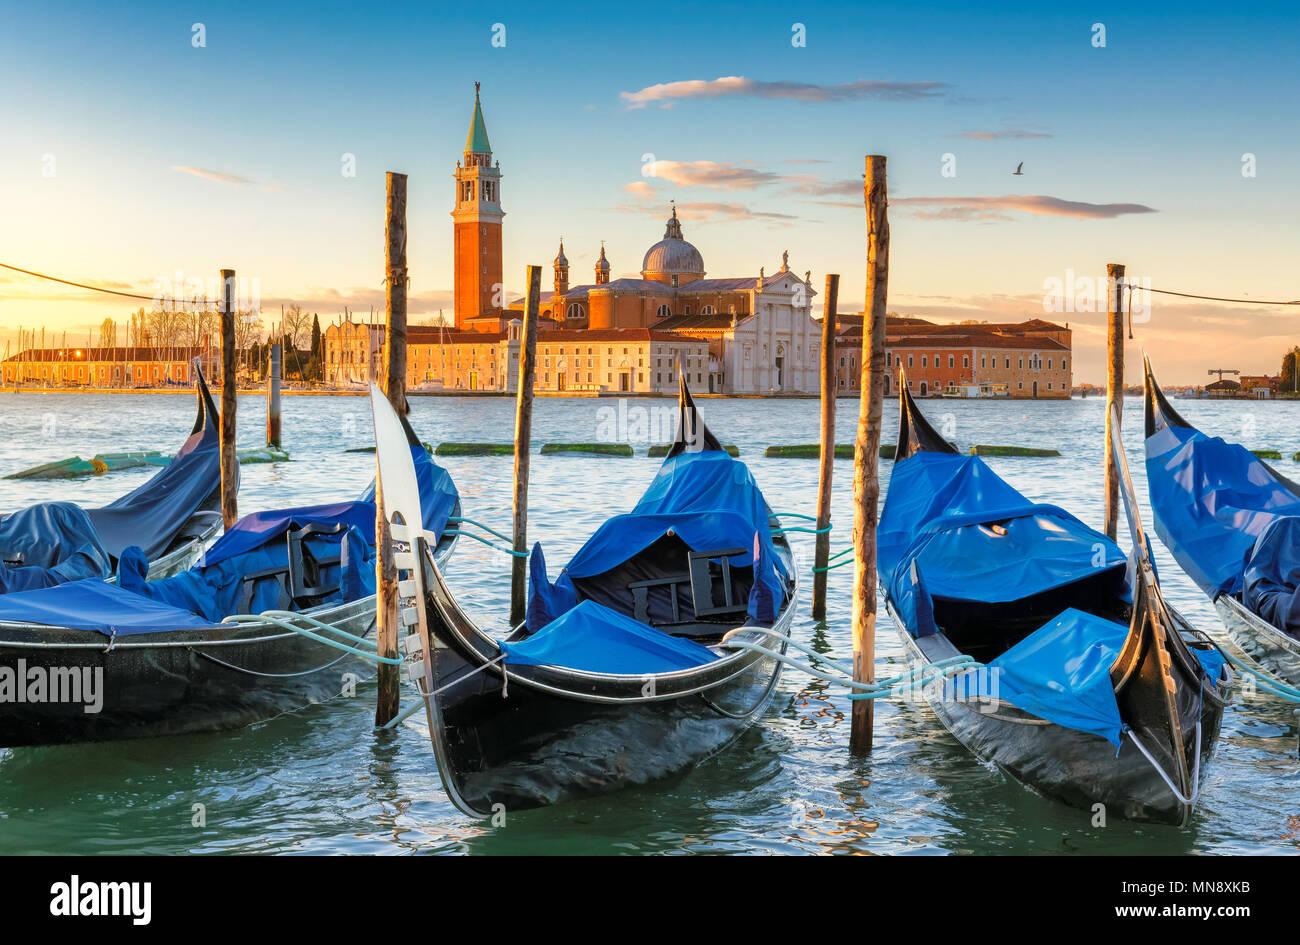 Las góndolas de Venecia, cerca de la plaza de San Marcos al amanecer, el Gran Canal de Venecia, Italia. Imagen De Stock